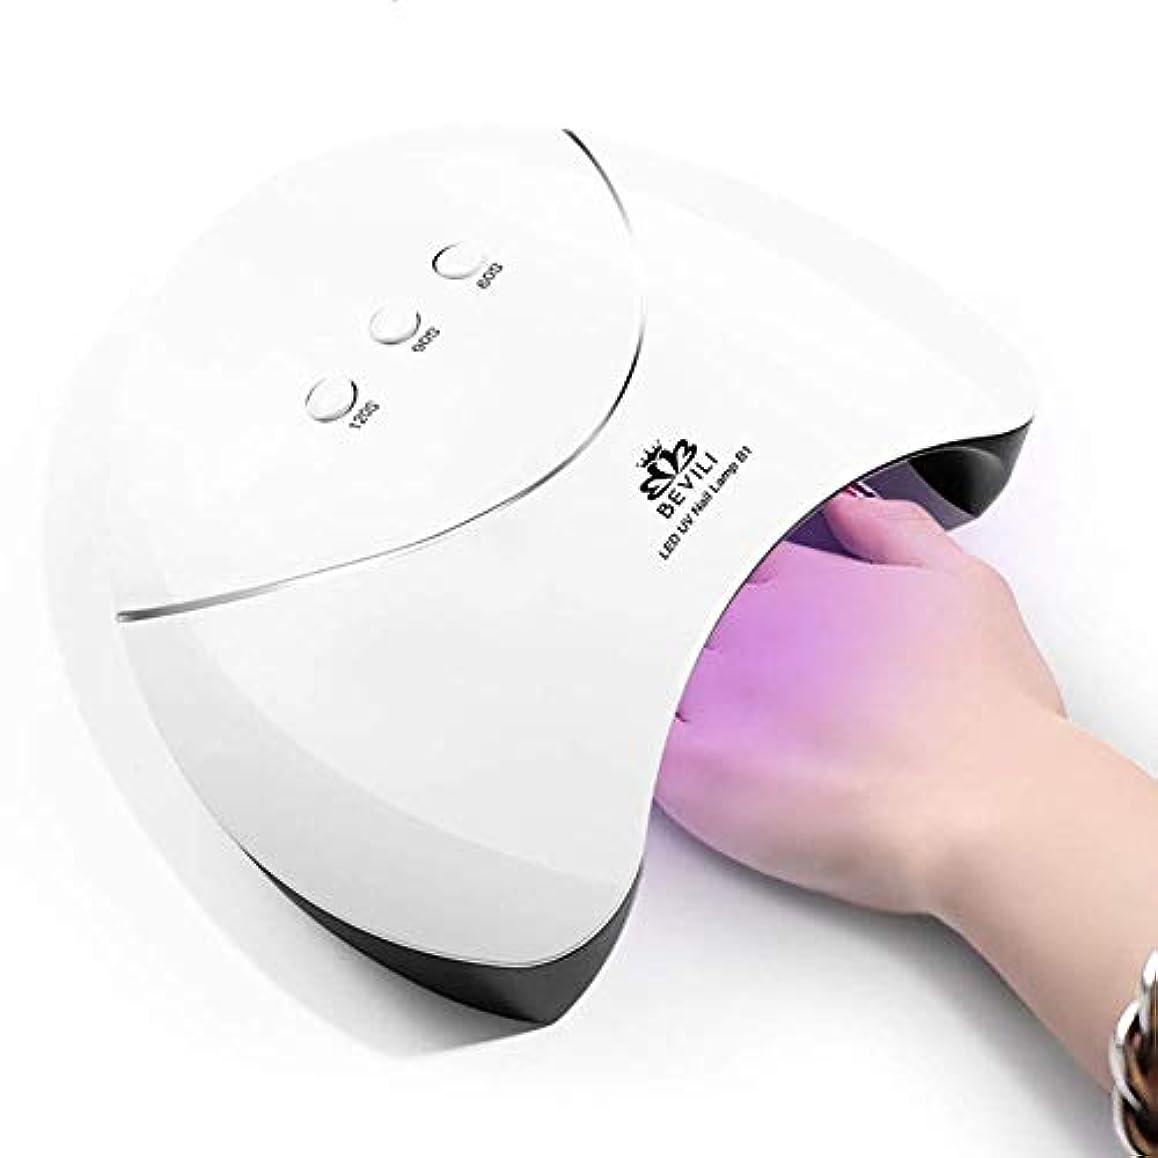 バリー予測悔い改め爪の光線療法機械36Wスマートな誘導はドライヤーのマニキュアの光線療法の処置のベイクライトを導きました